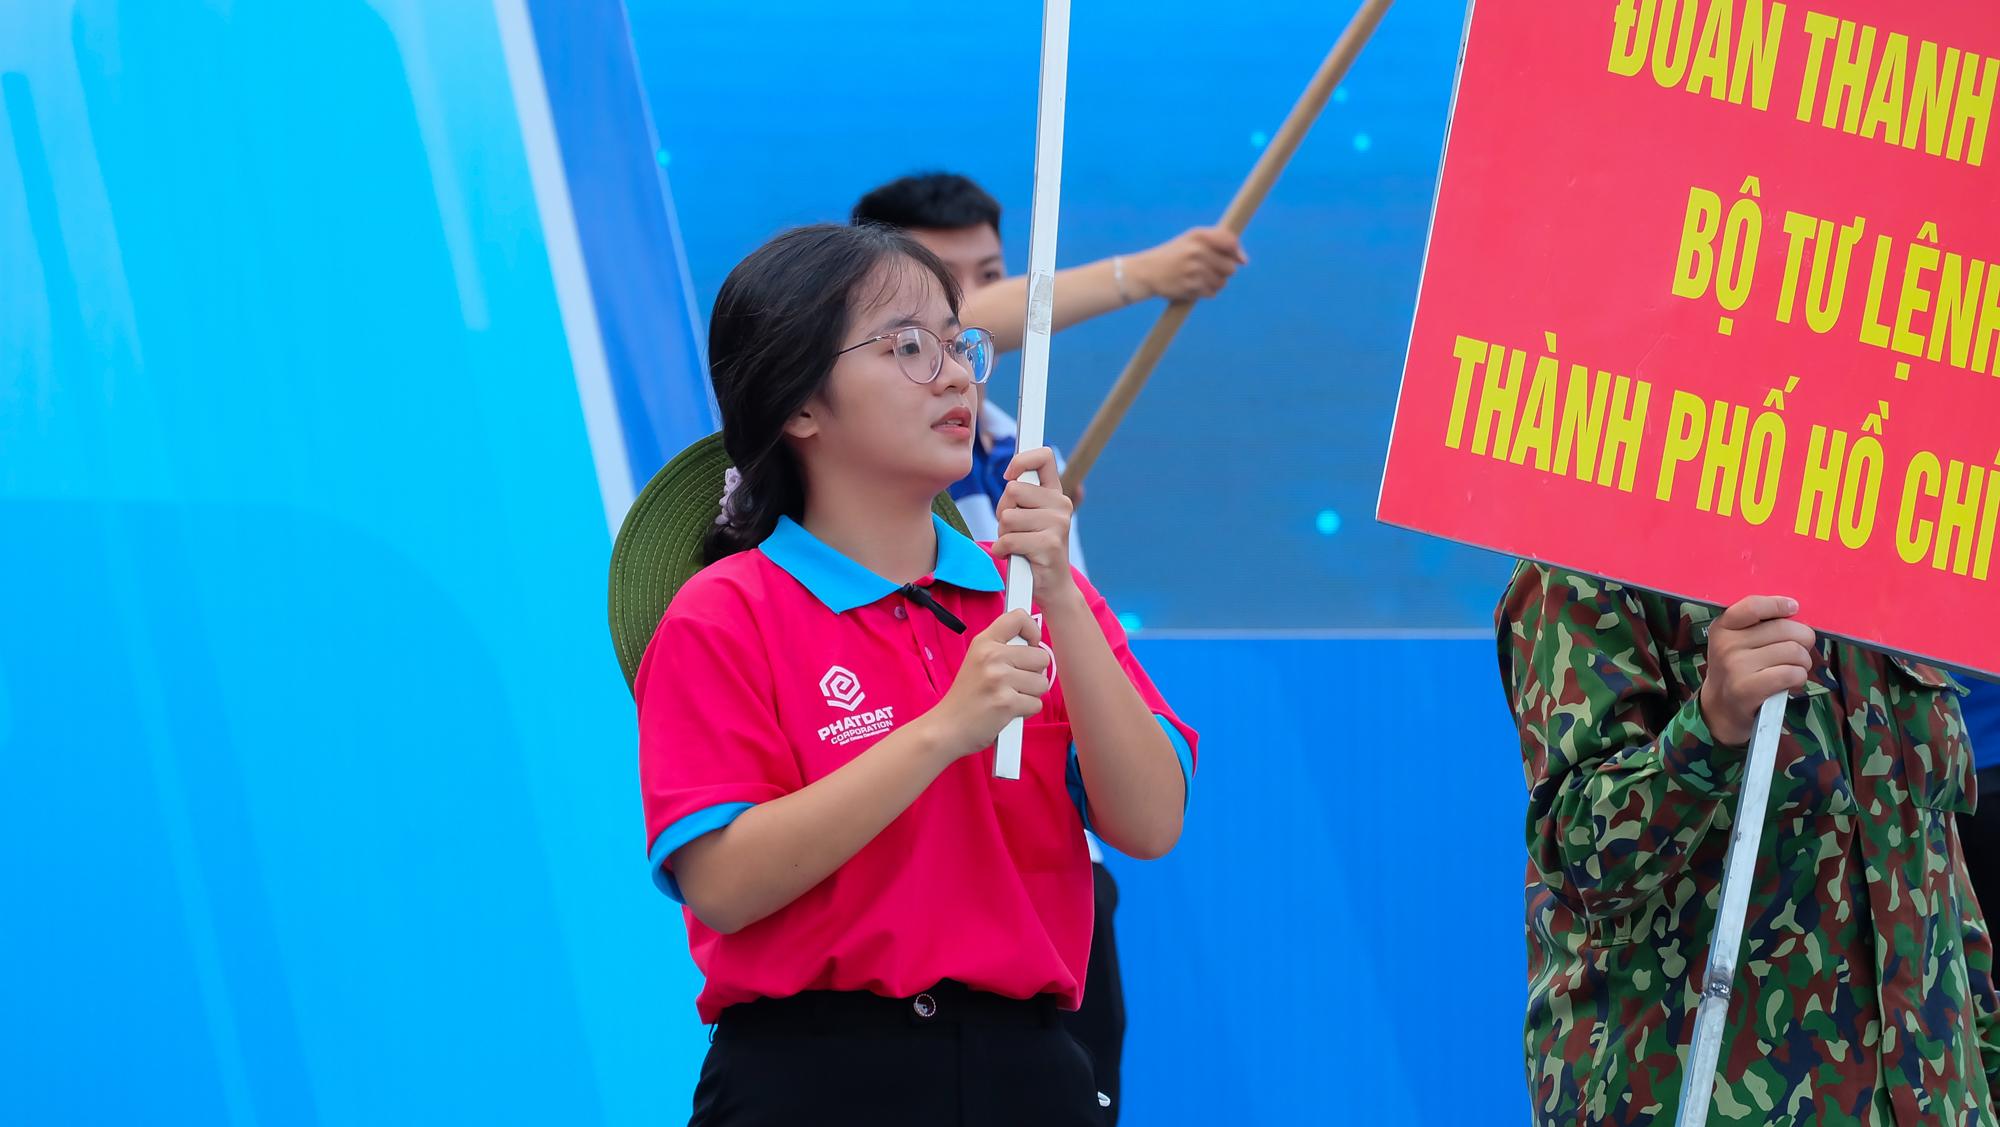 Phát Đạt lần thứ 10 đồng hành cùng Chiến dịch Thanh niên tình nguyện hè 2020 - Ảnh 4.